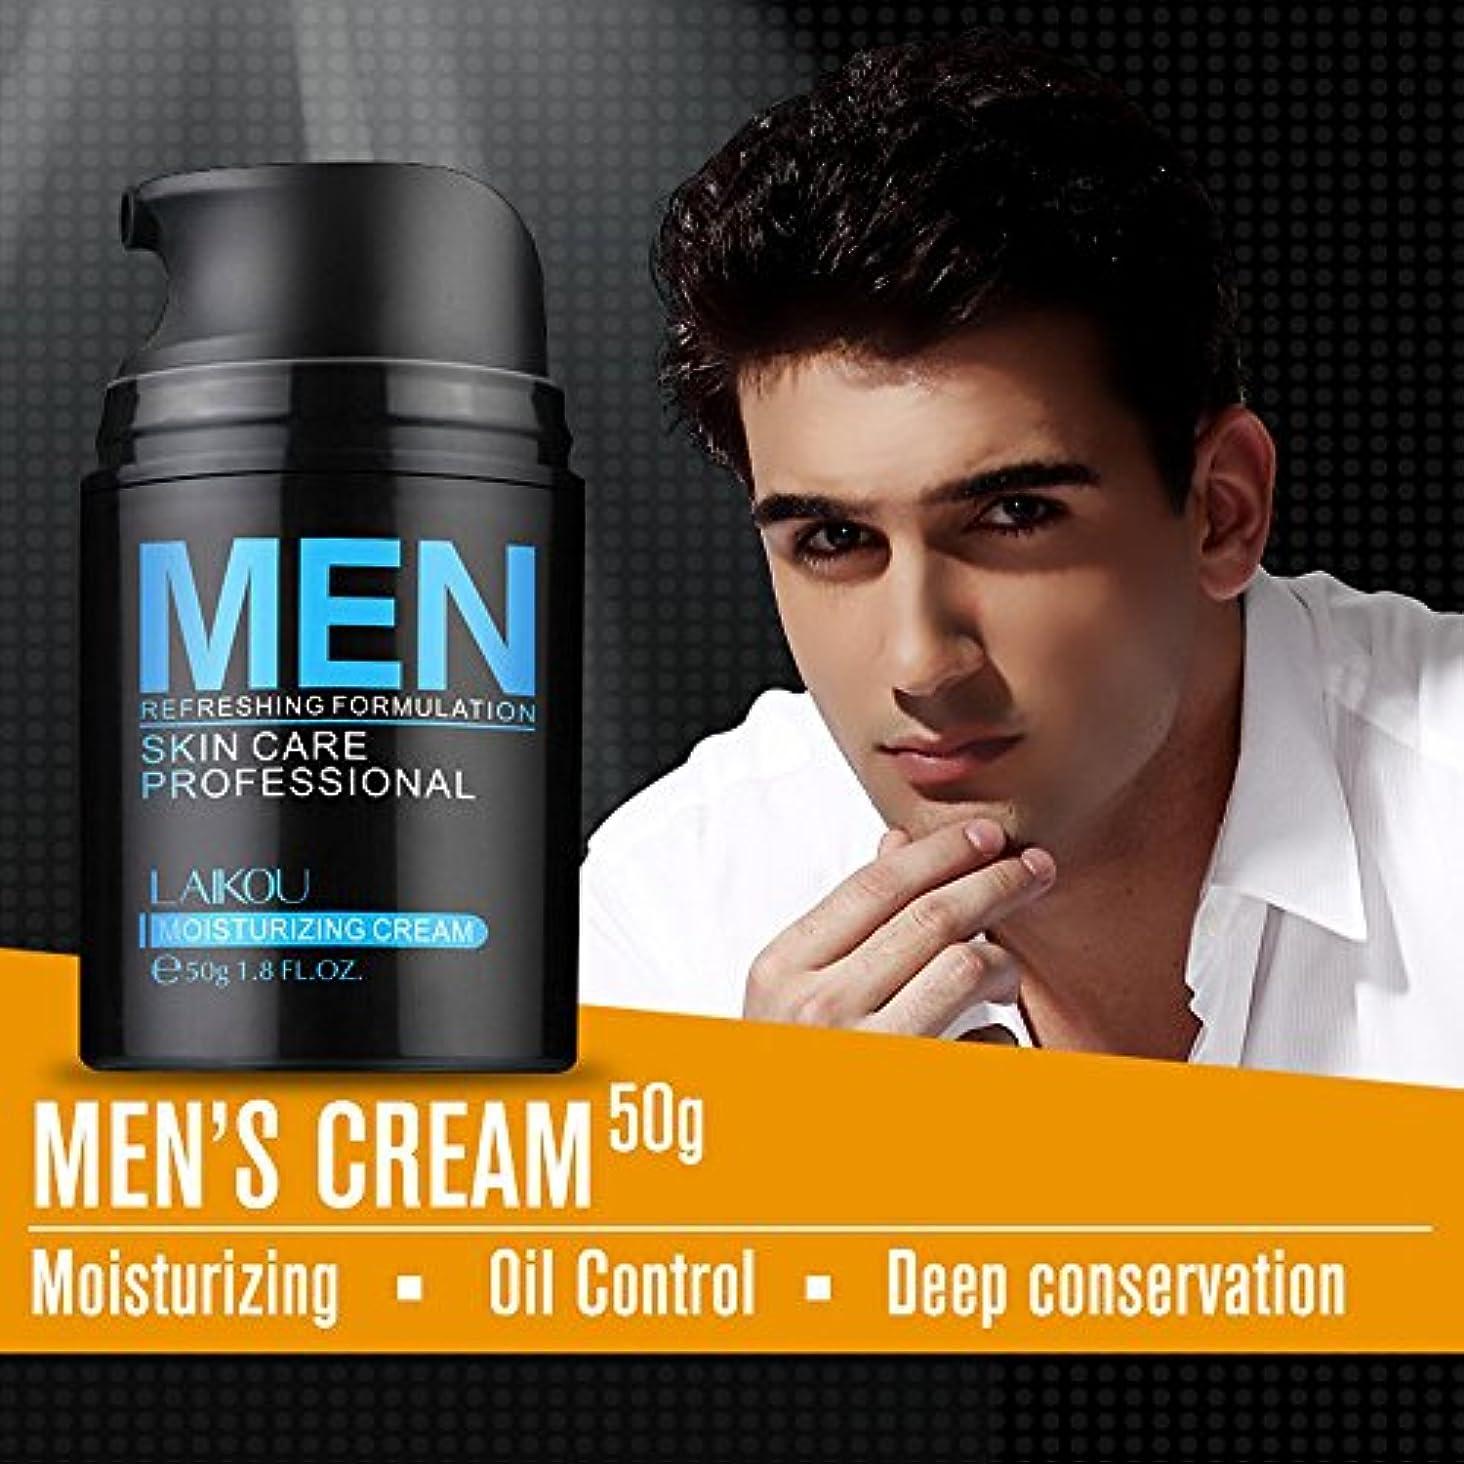 つぶやき水素指Akane LAIKOU 男子 押す 顔洗い 素敵 水分補給 オイルコントロール 保湿 すがすがしい 角質除去 クレンジング 浄化 使いやすい 洗顔料 アロエクリーム